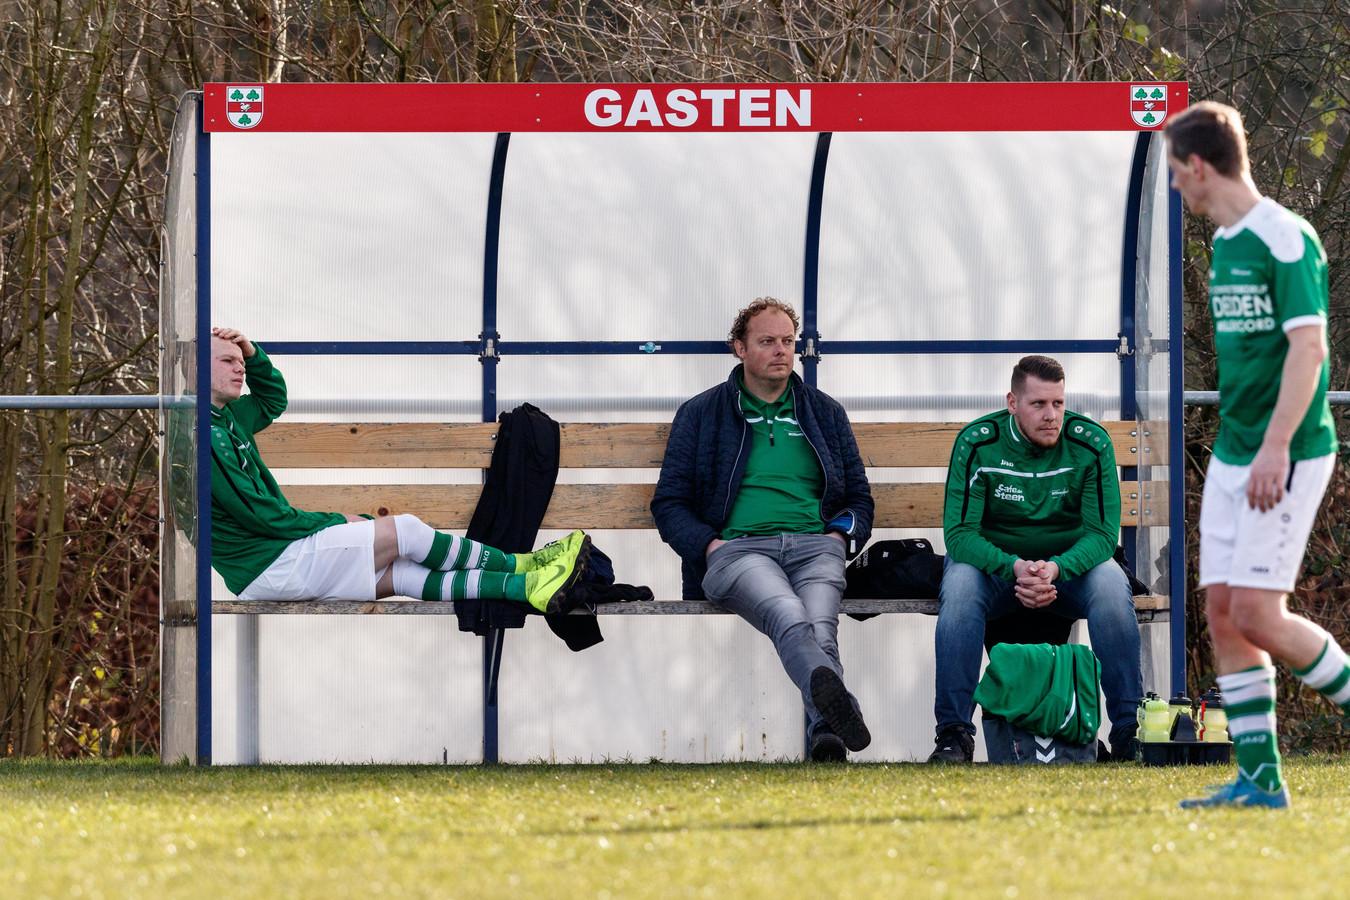 Het zondagvoetbal in Willemsoord is voltooid verleden tijd.